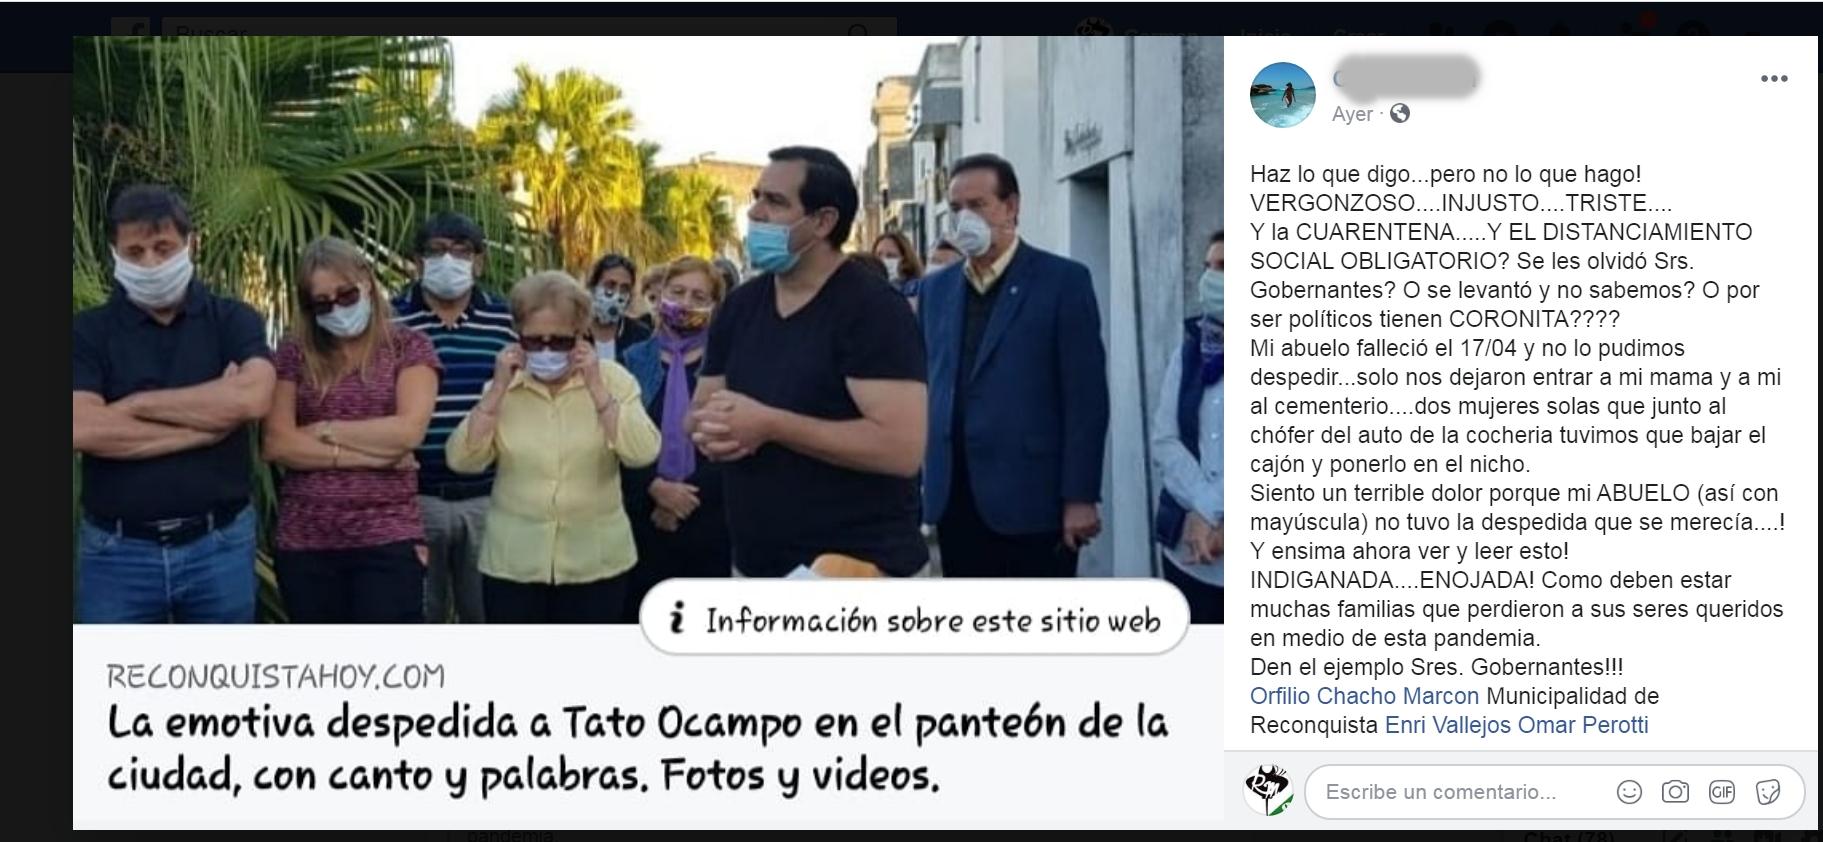 Políticos violan la cuarentena en el entierro de Tato Ocampo